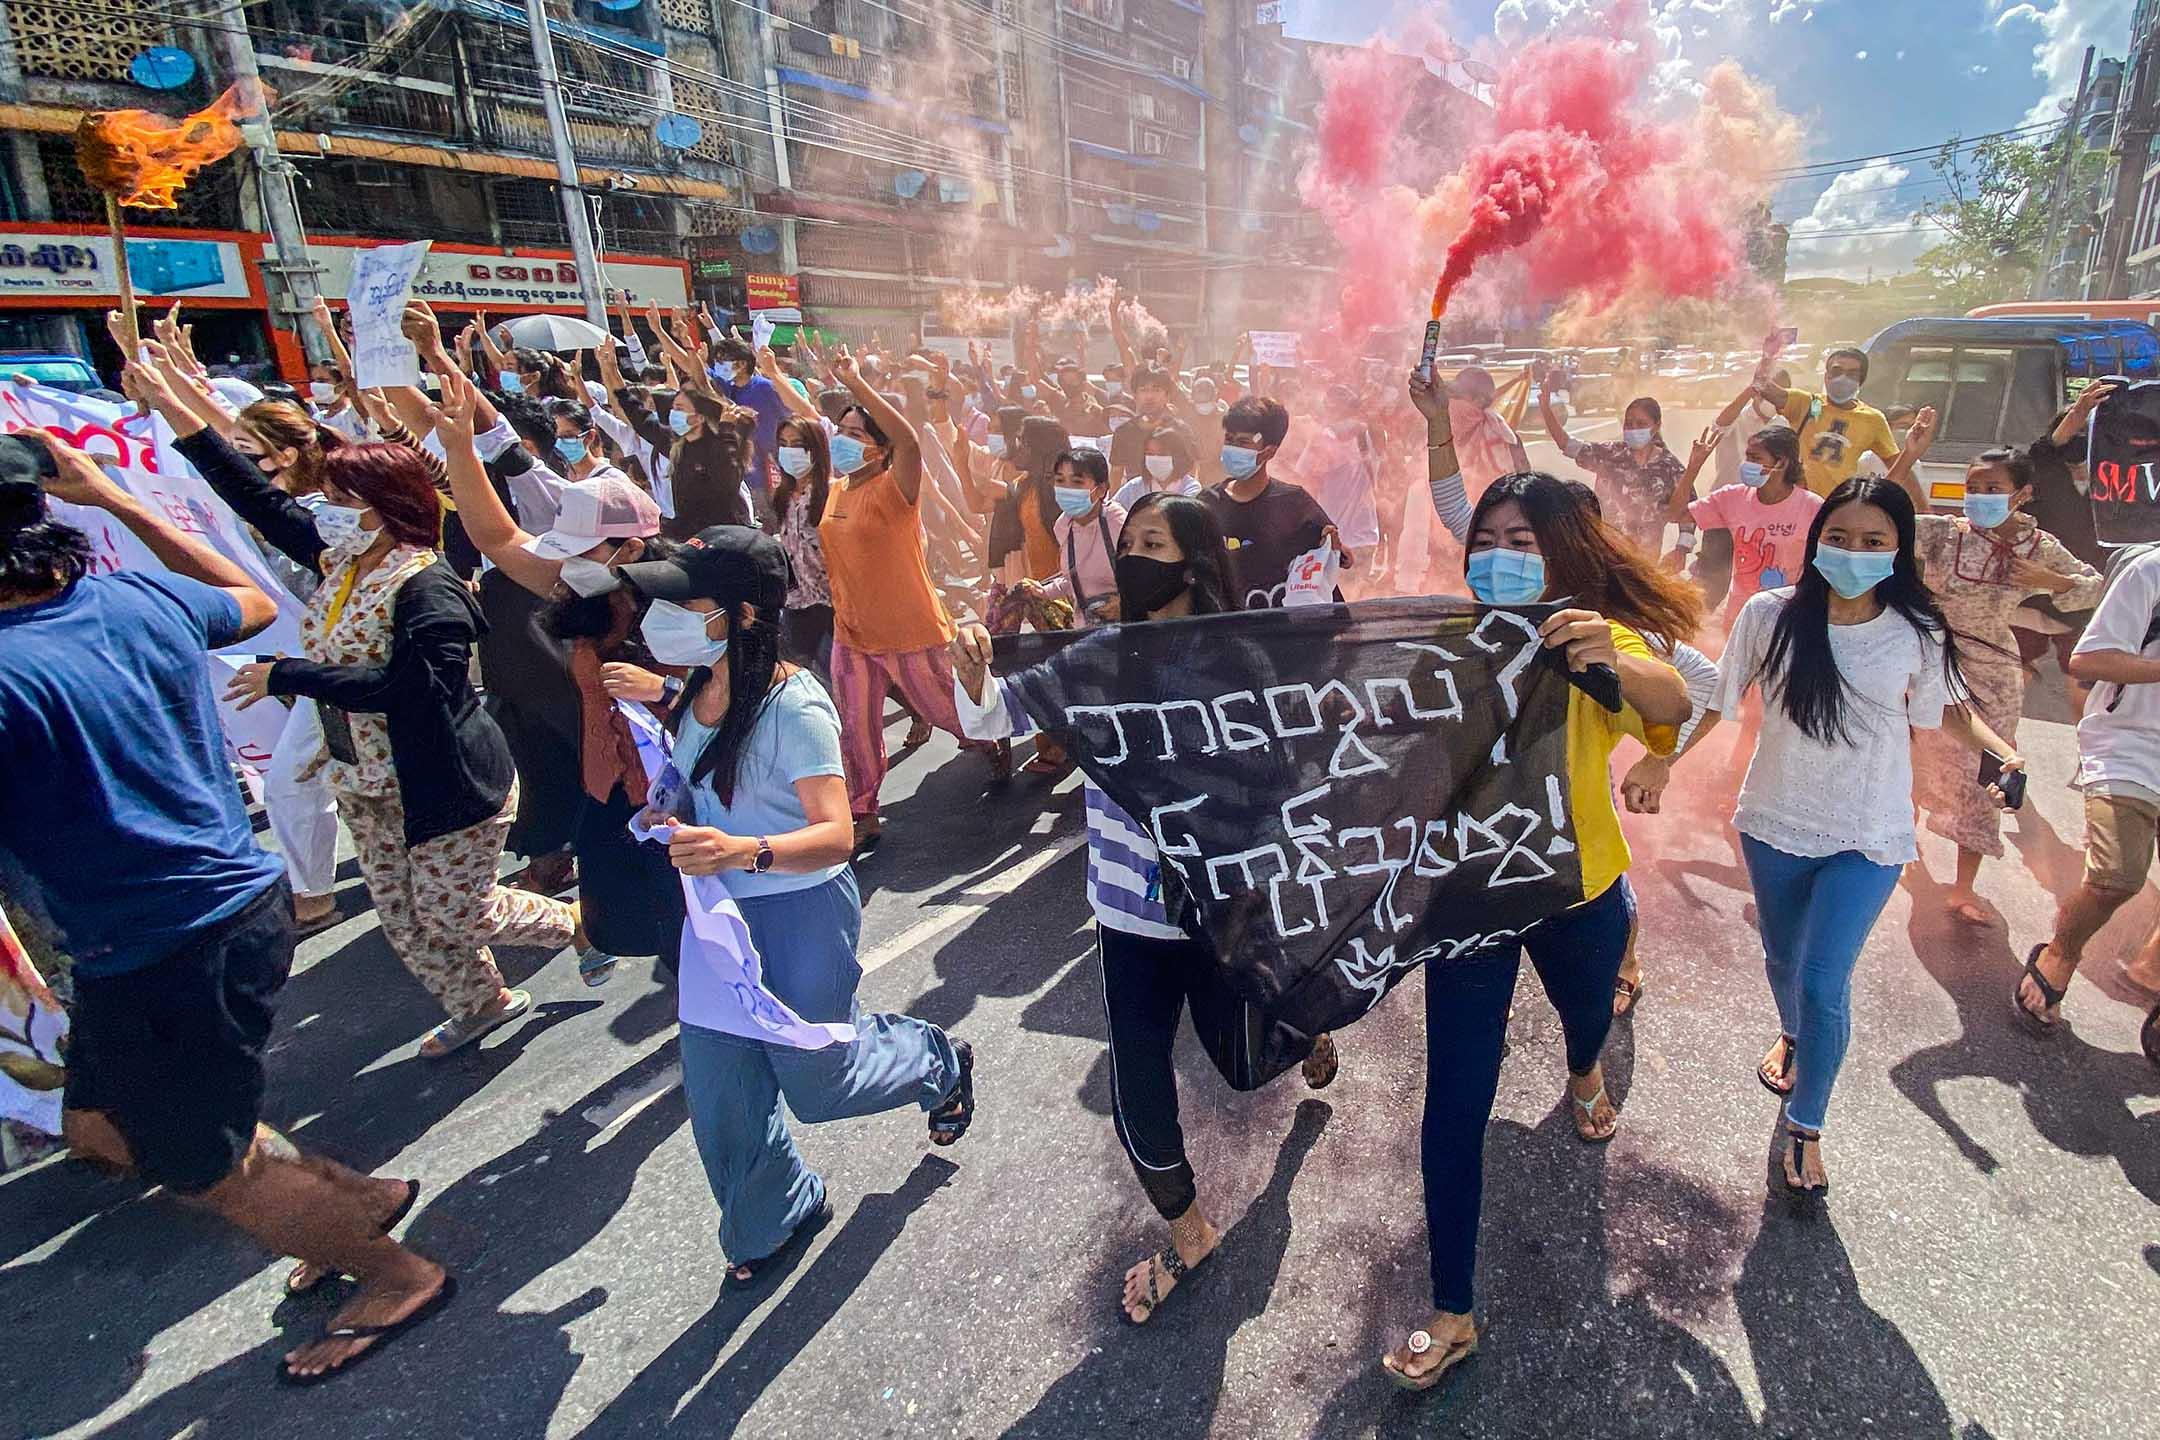 2021年7月14日緬甸仰光,反政變示威遊行期間,婦女手持橫幅和緊急信號棒奔跑。 攝:Yan Naing Aung/Anadolu Agency via Getty Images